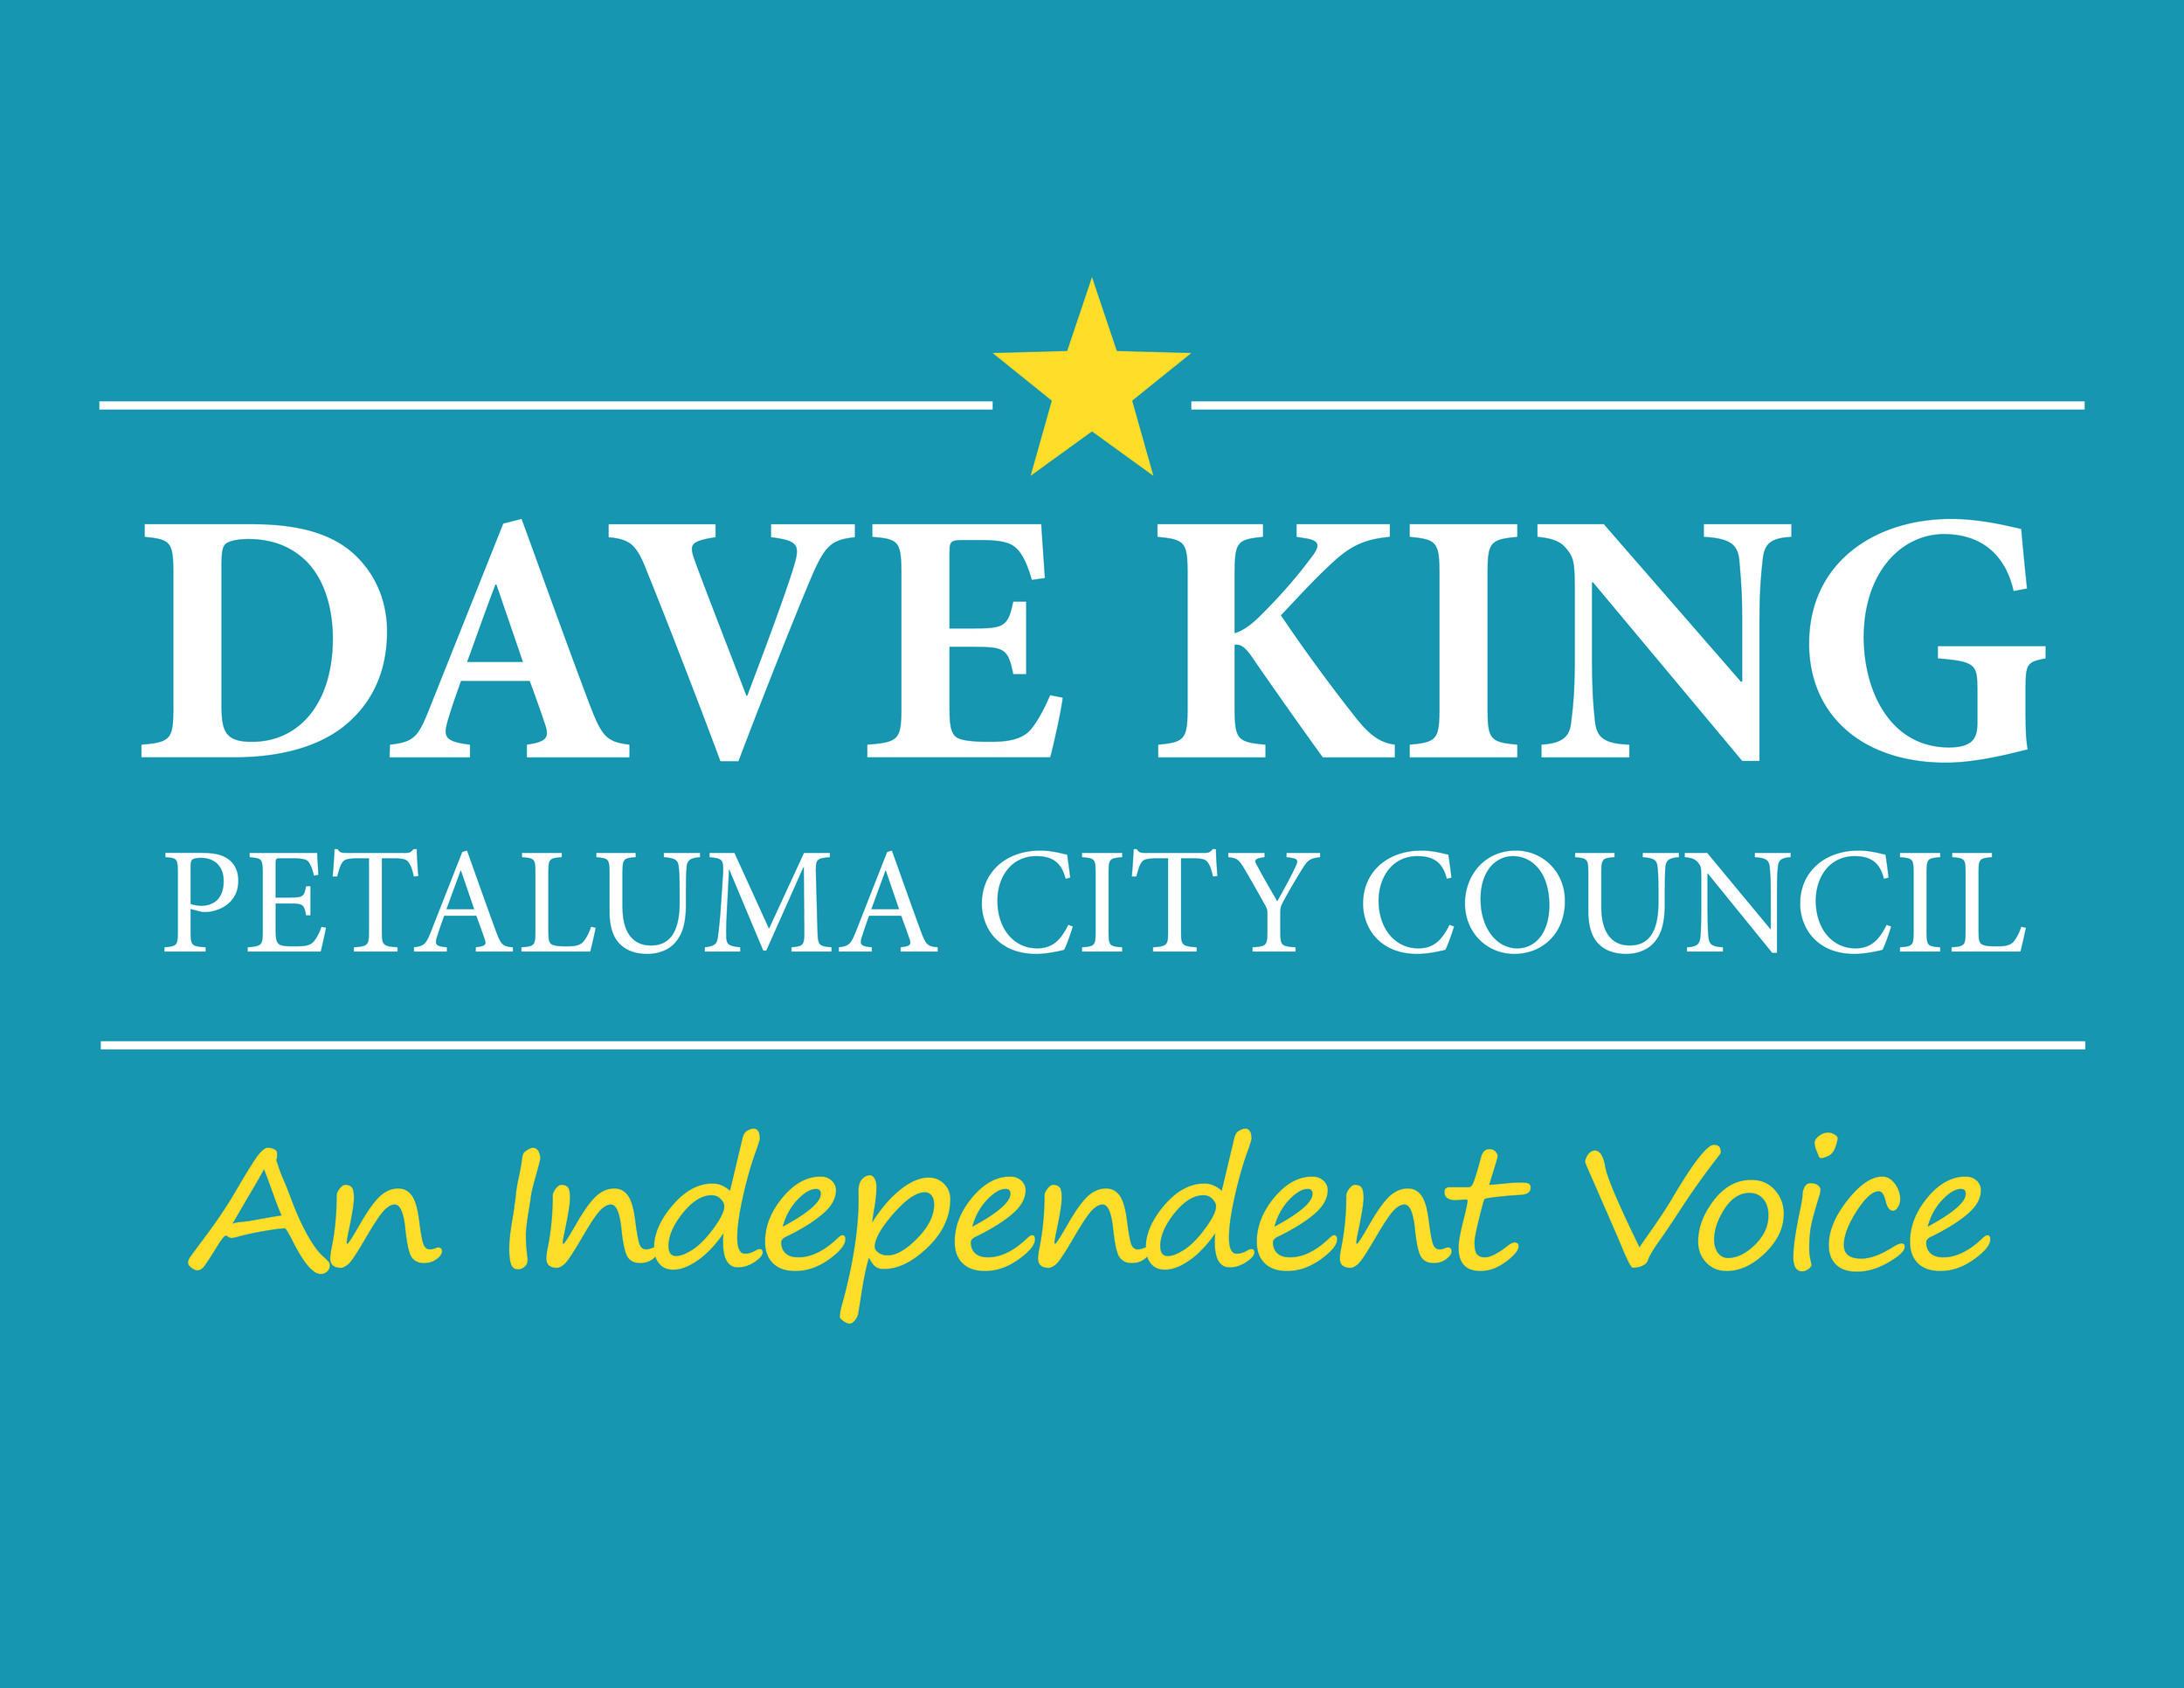 Dave King_logo_large.jpg